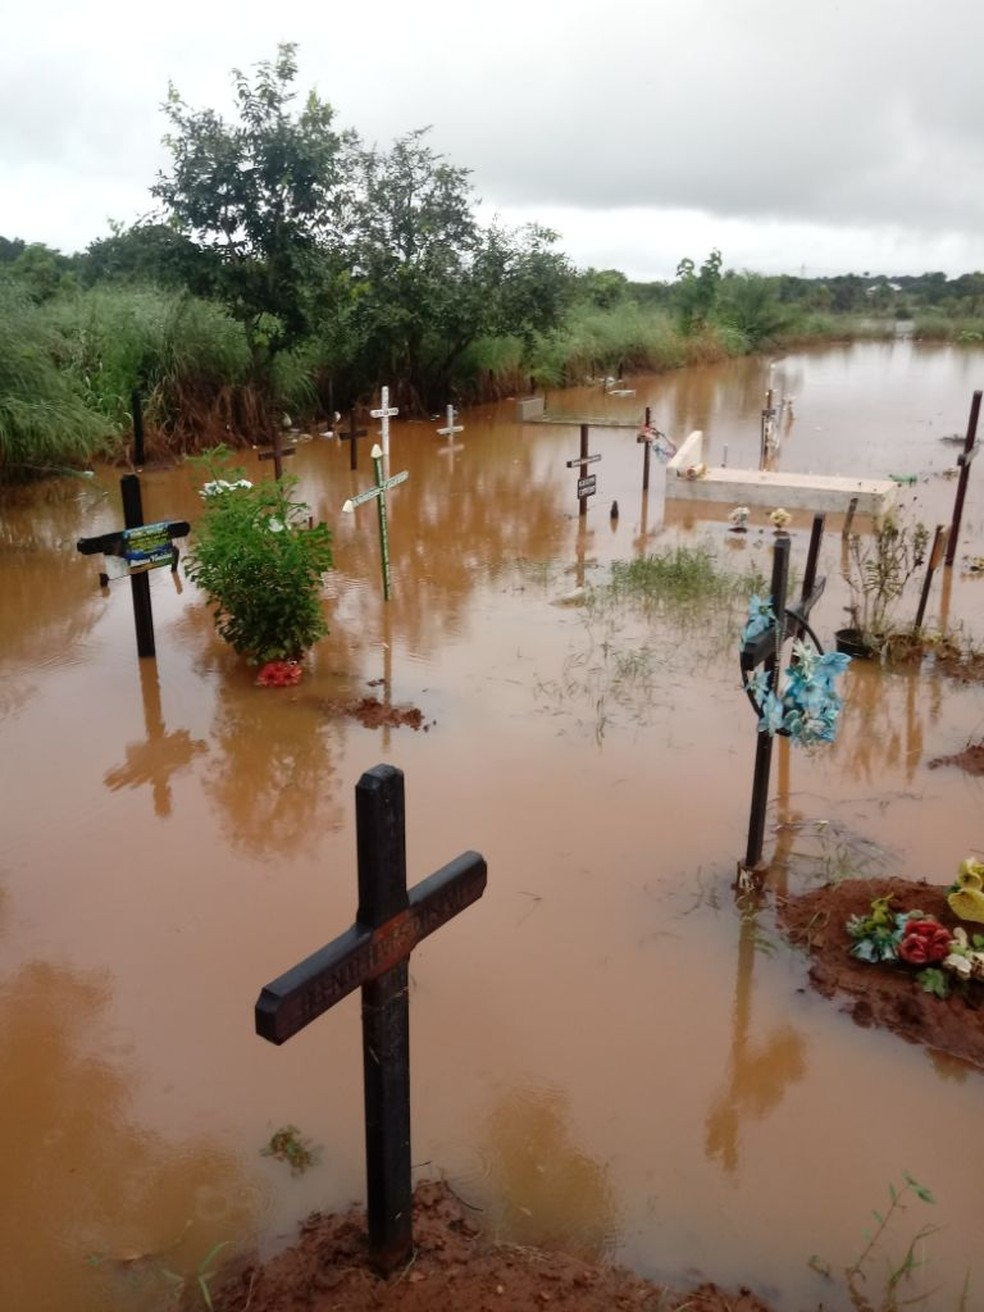 Cemitério municipal de Estreito amanheceu embaixo d'água.  (Foto: Divulgação / TV Mirante)